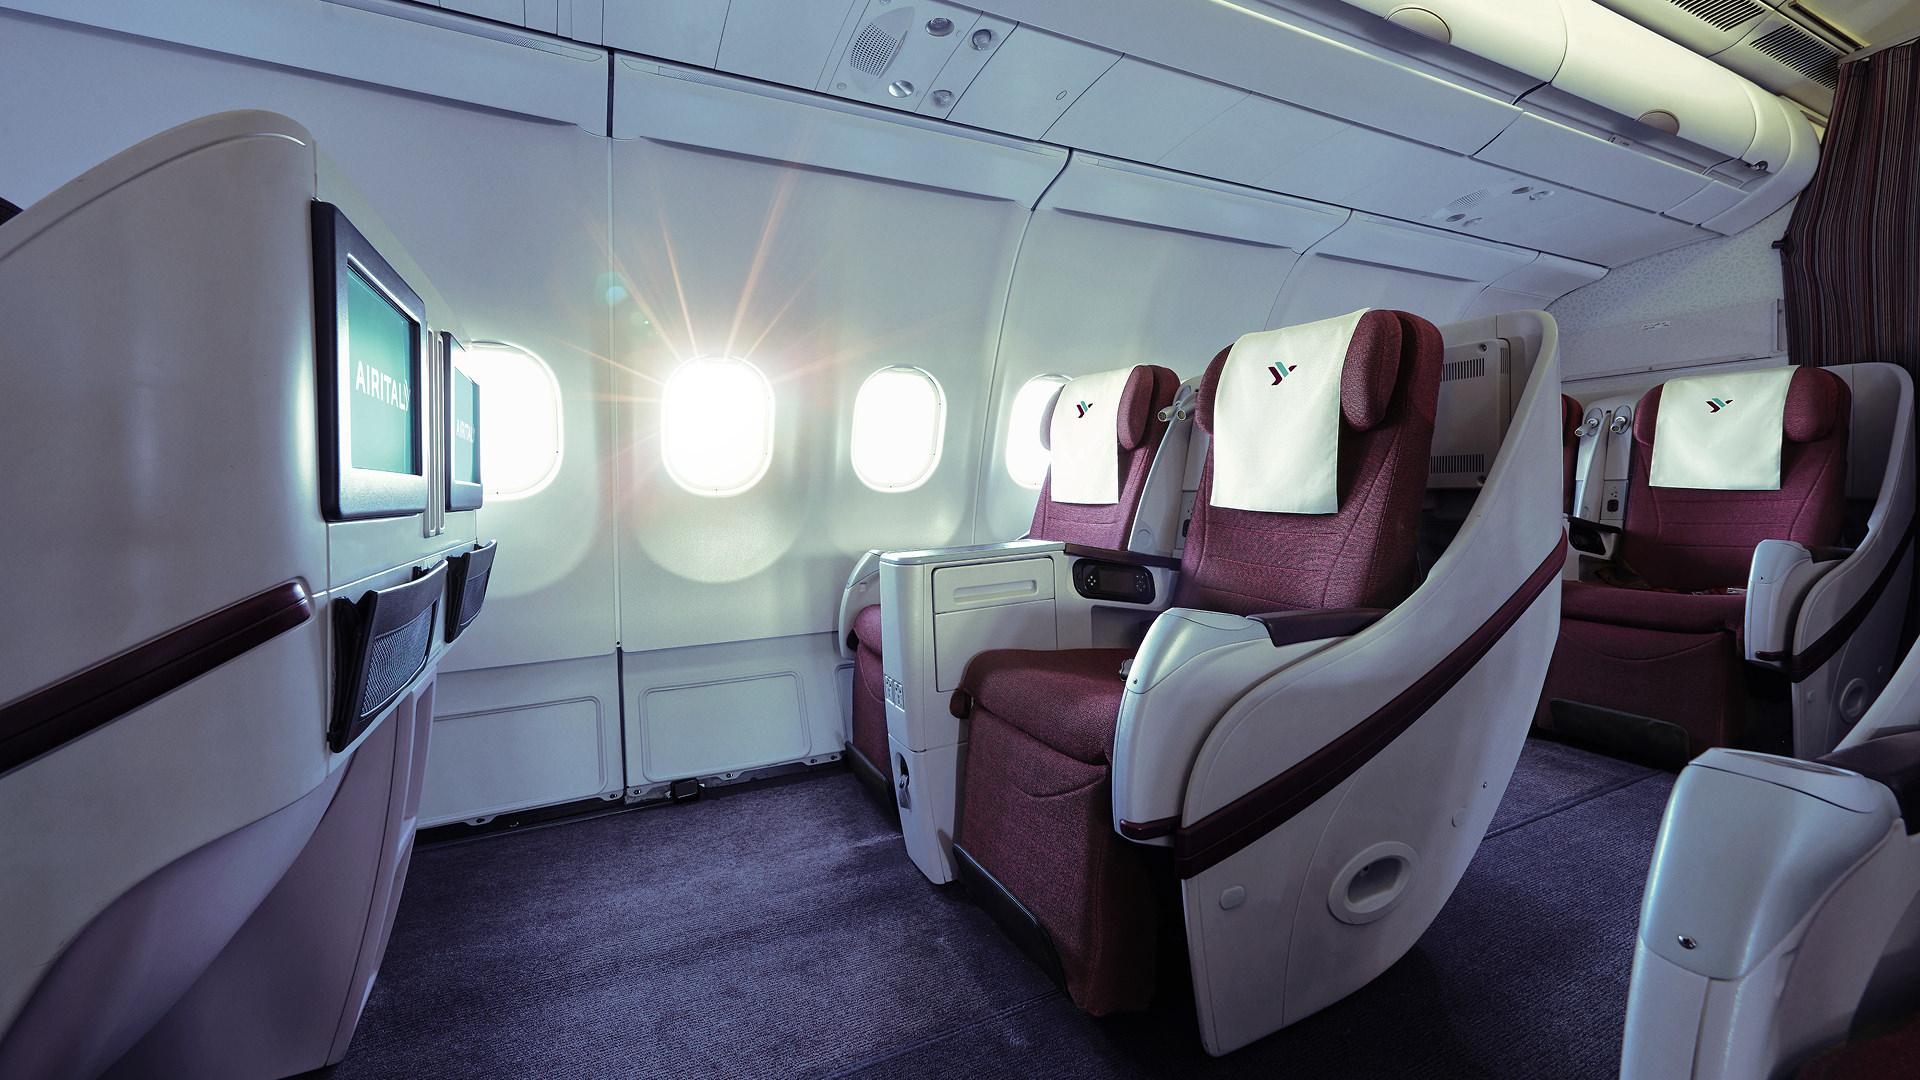 Air Italy 2702s - Con Alitalia al borde de la quiebra (por segunda vez) nace una nueva aerolinea en Italia